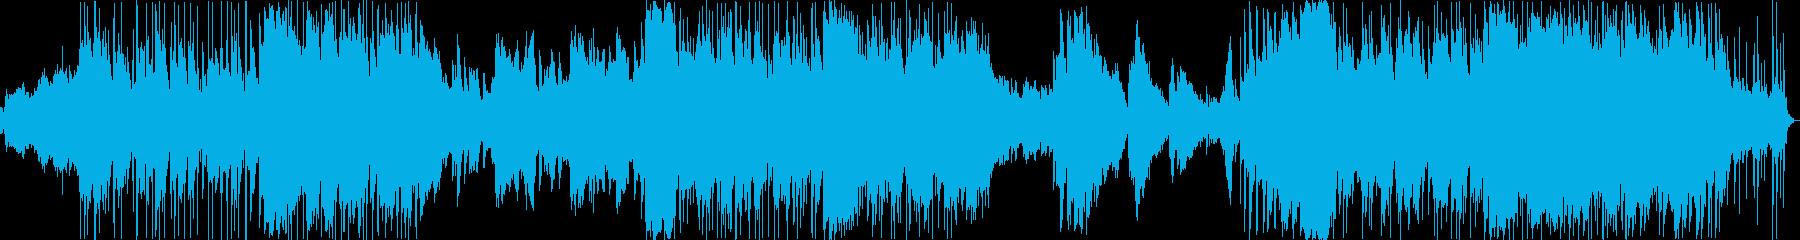 尺八の生演奏によるドラマティックサウンドの再生済みの波形